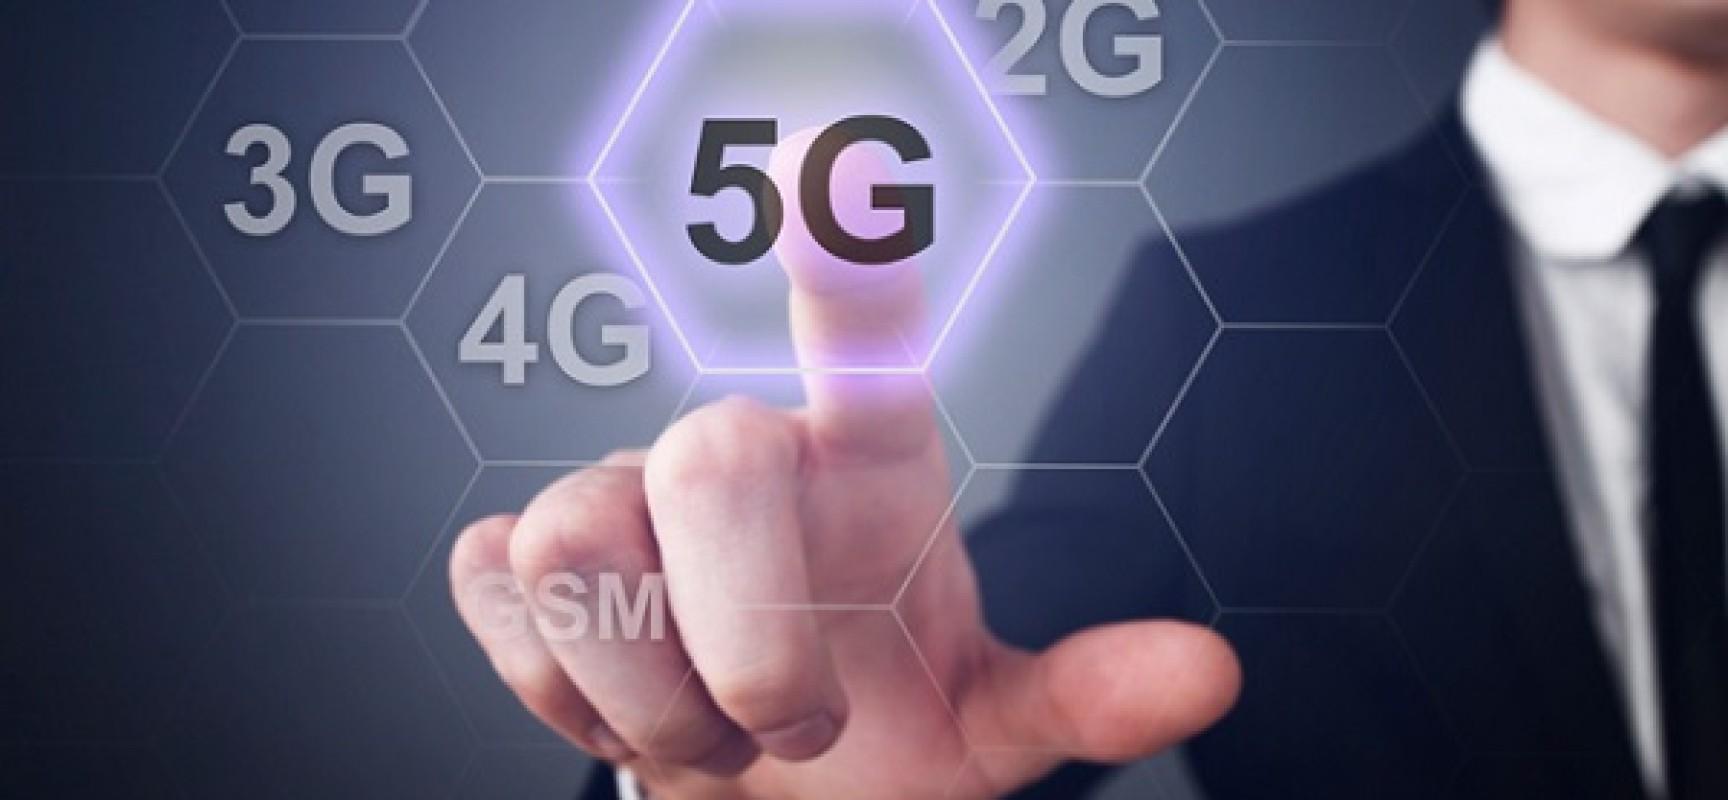 Tecnología 5G llegará a América Latina en 2019